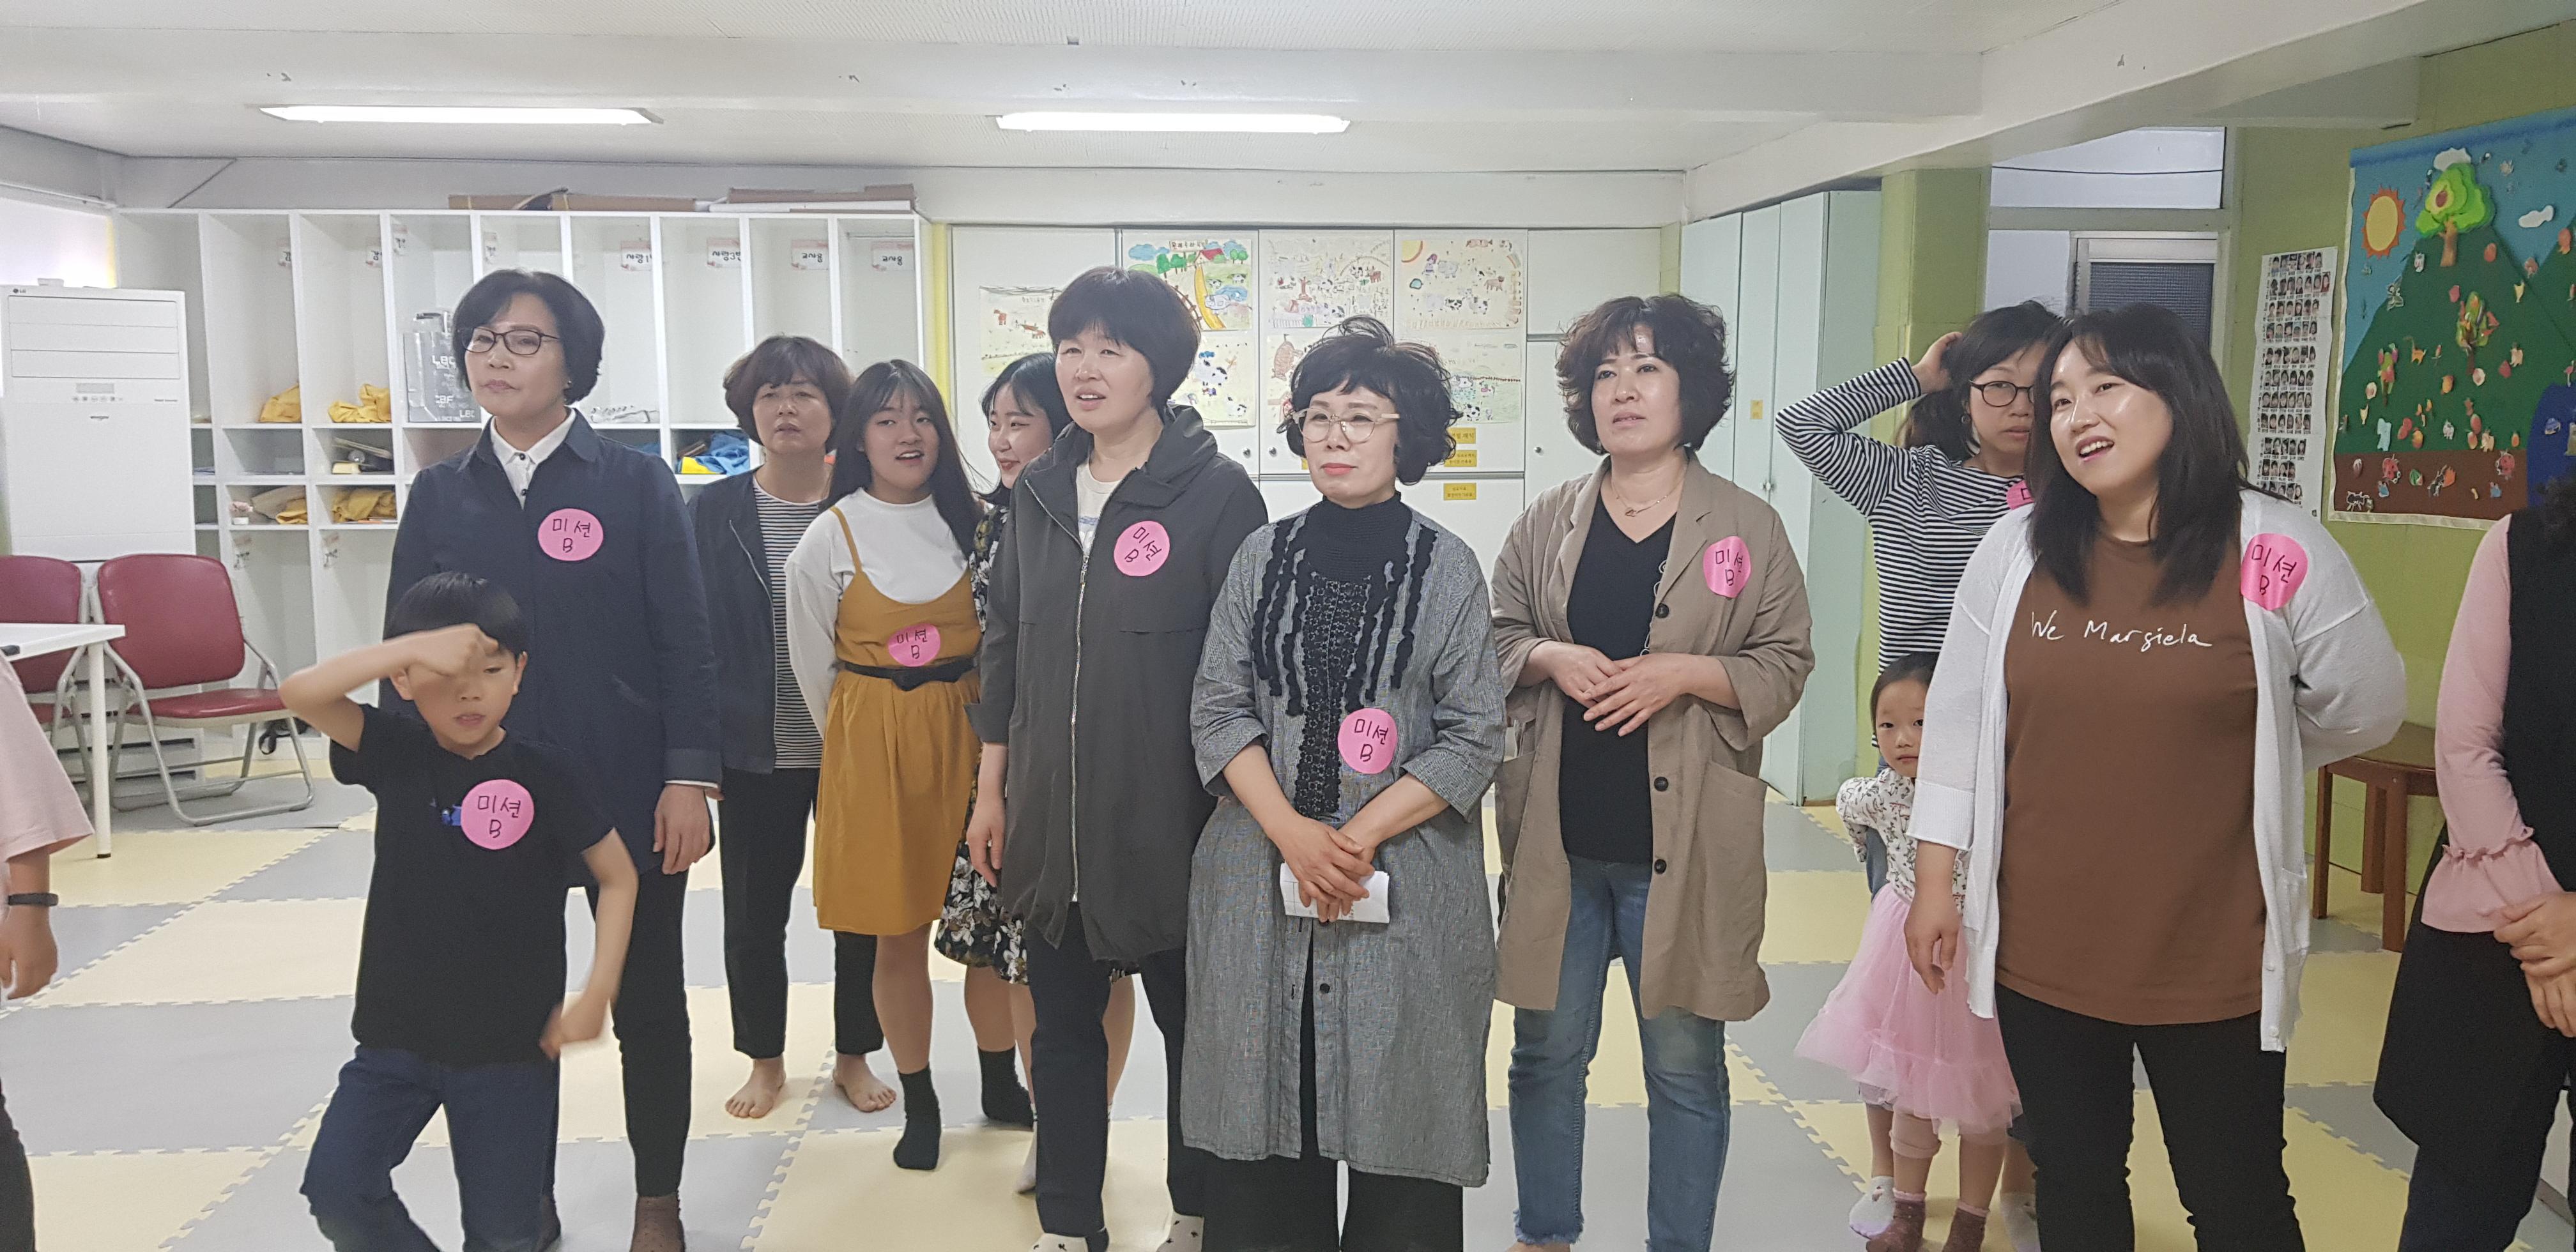 20180527_제33회 성경암송대회 (핸폰) 2